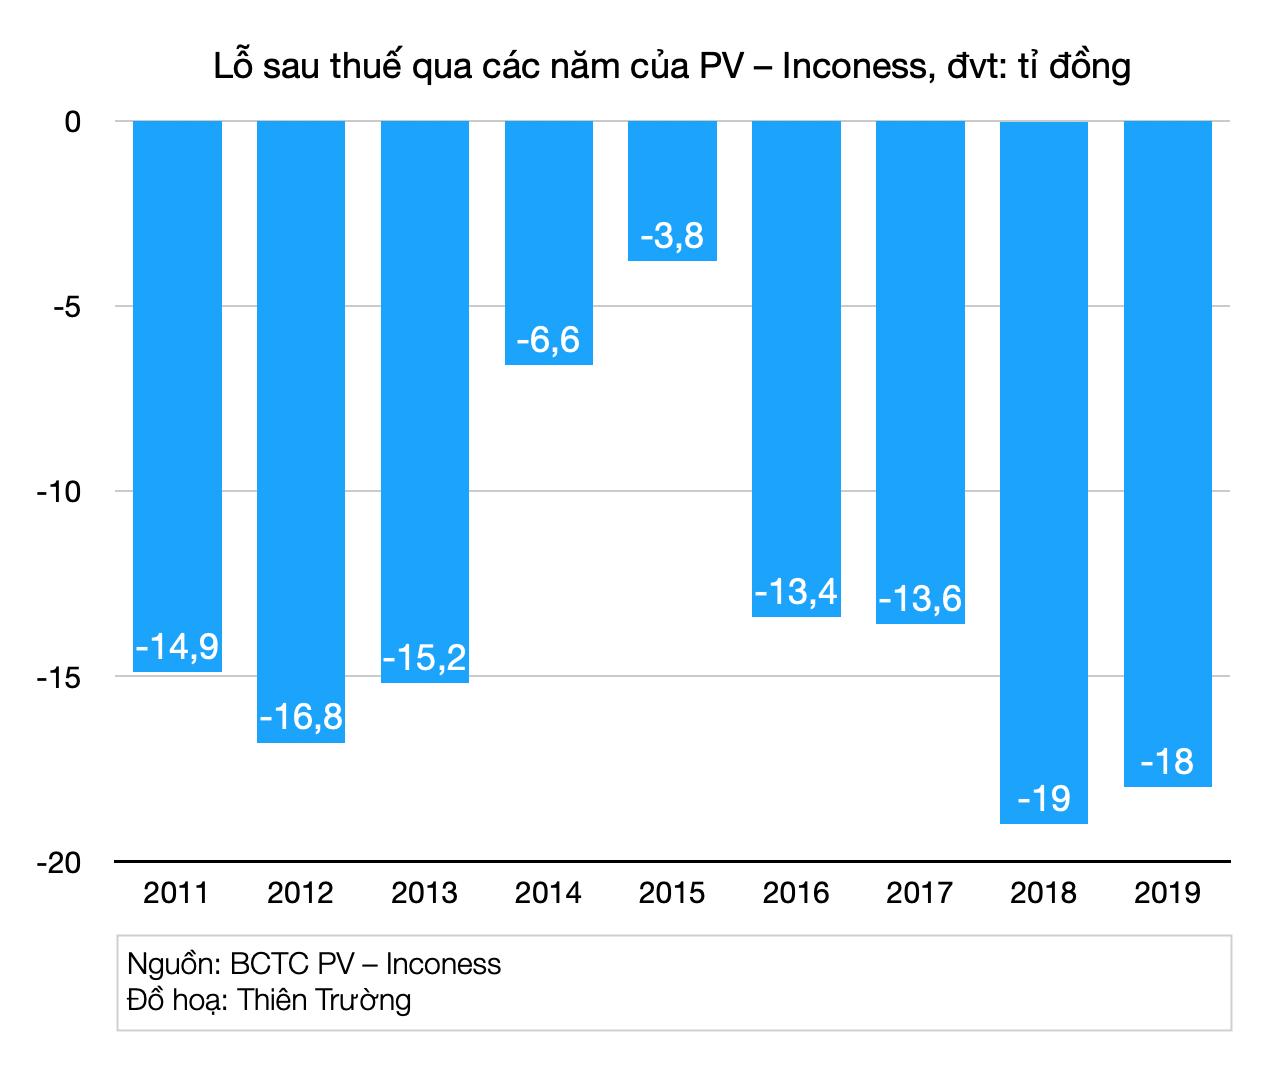 Bán mình cho Hyundai Thành Công sau hơn chục năm thua lỗ, PV – Inconess vẫn chưa có lãi - Ảnh 2.